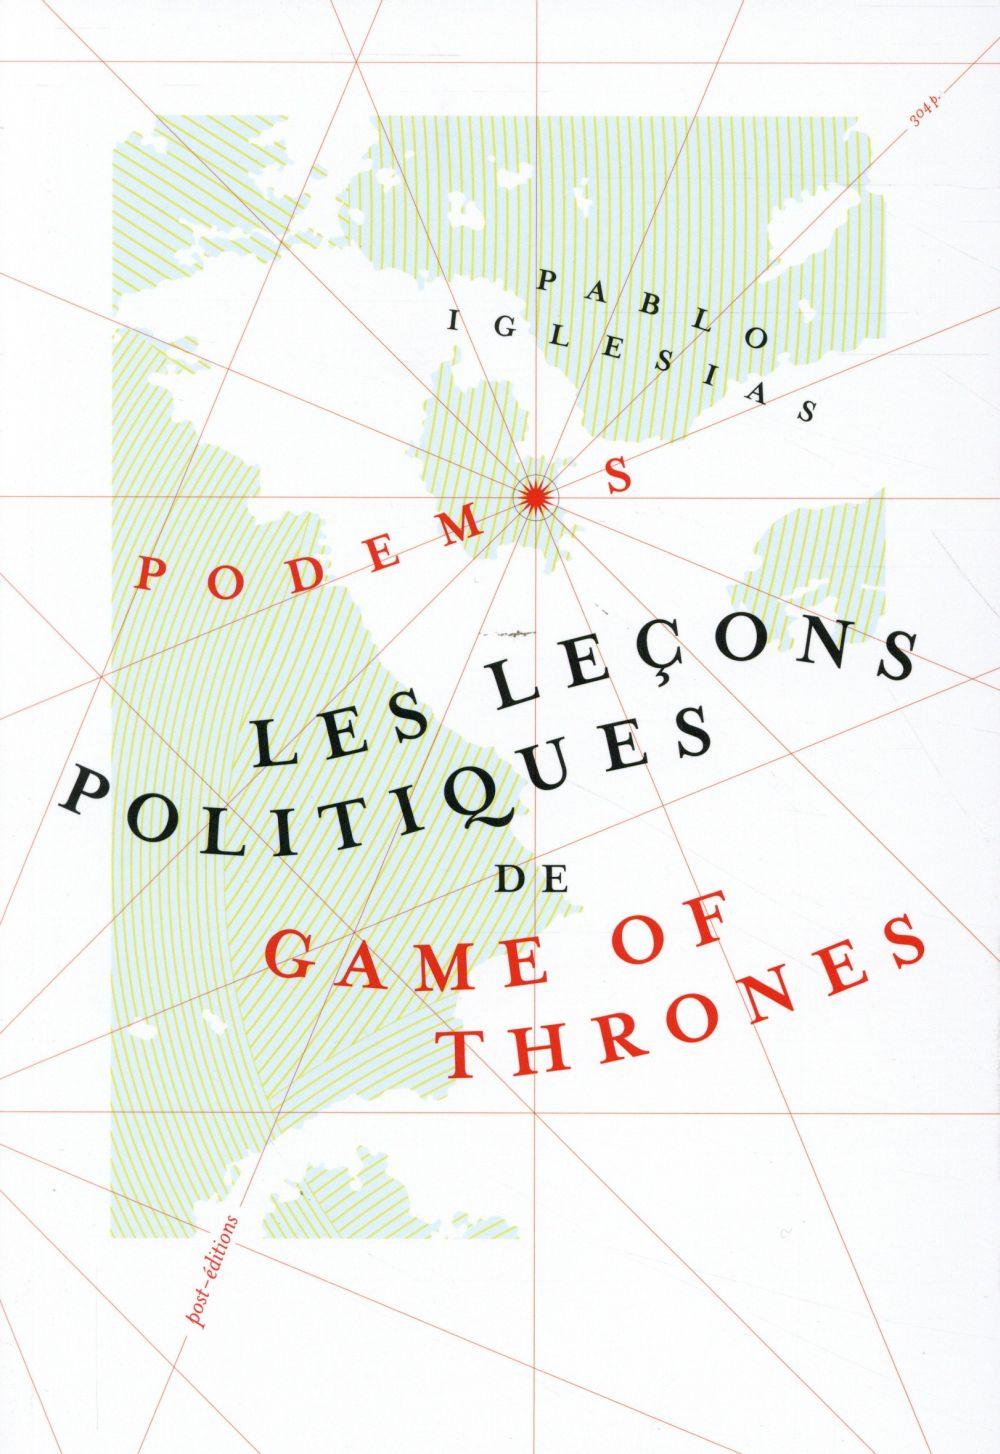 LECONS POLITIQUES DE GAME OF THE THRONES (LES)